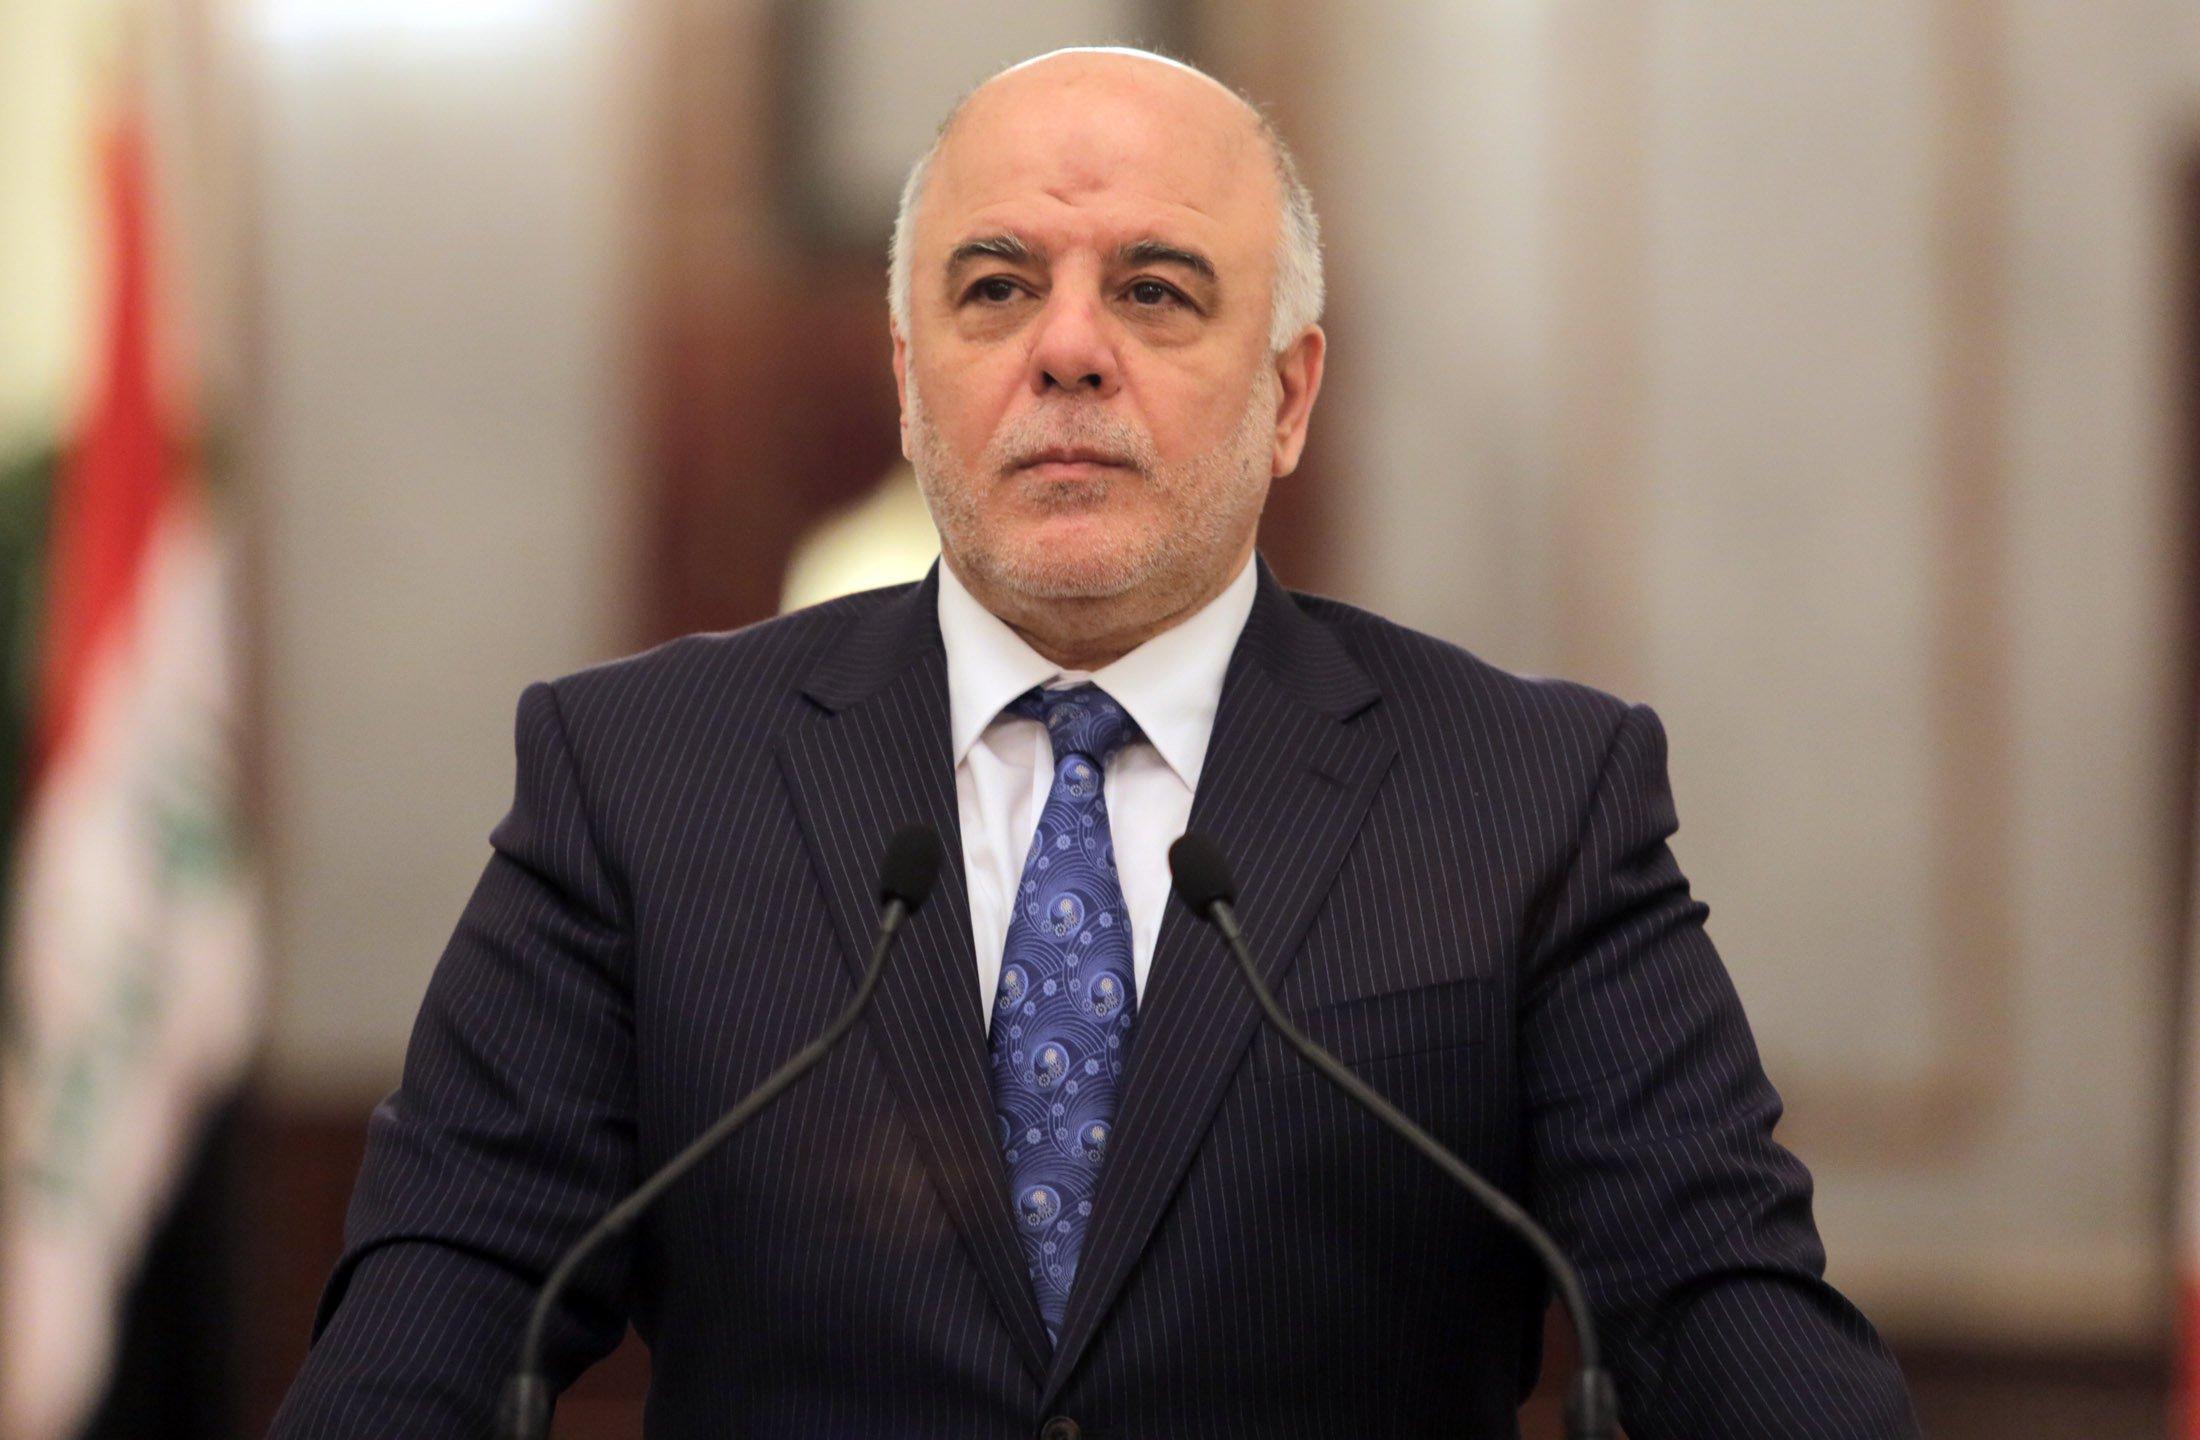 العبادي:نرفض تقسيم العراق على أساس عرقي ولن نتخلى عن الكرد